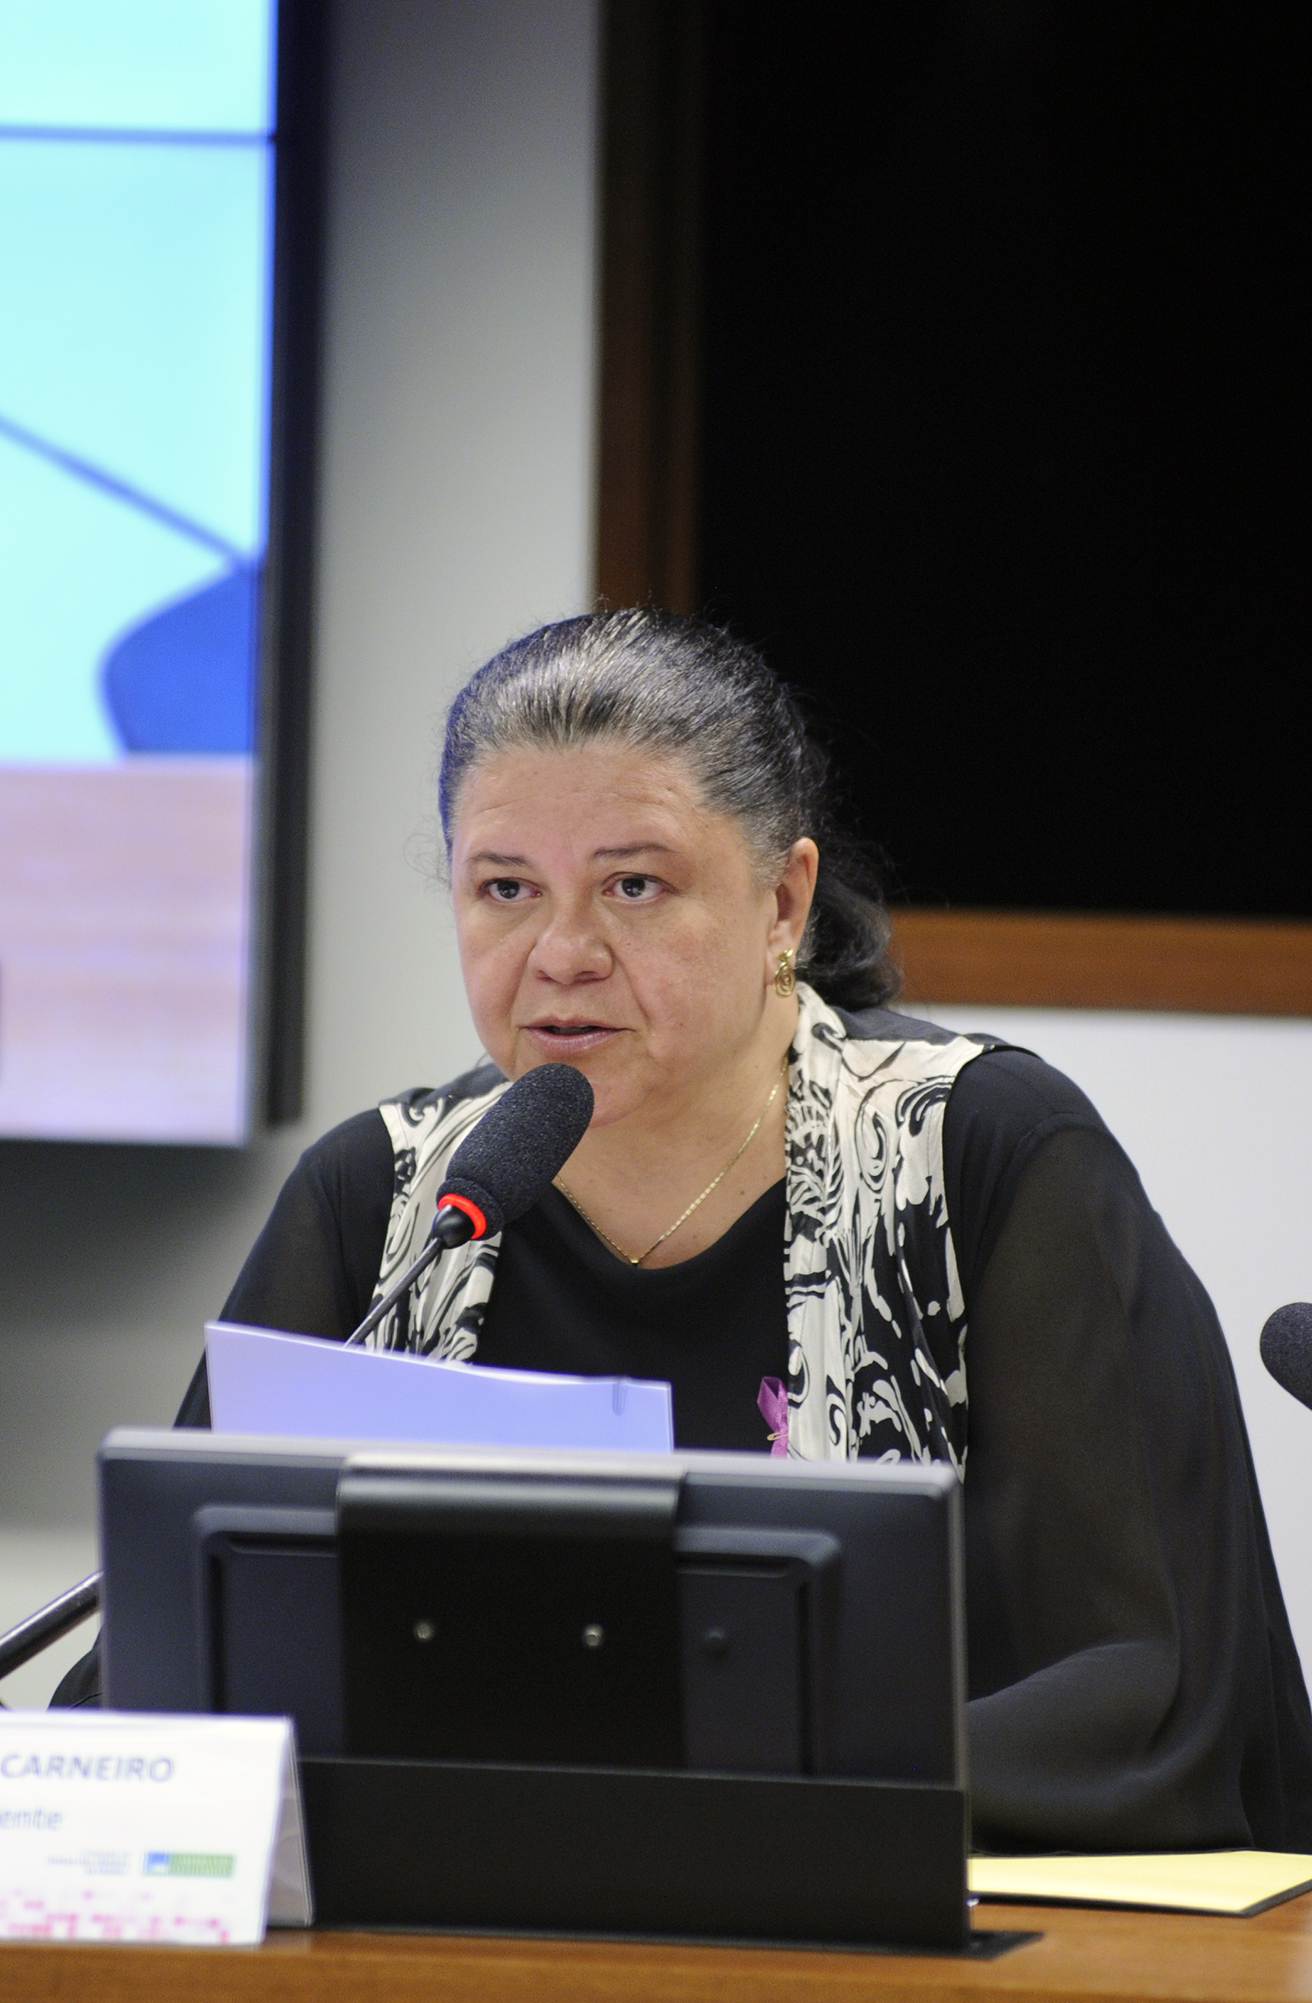 Reunião Deliberativa. Dep. Laura Carneiro (PMDB - RJ)